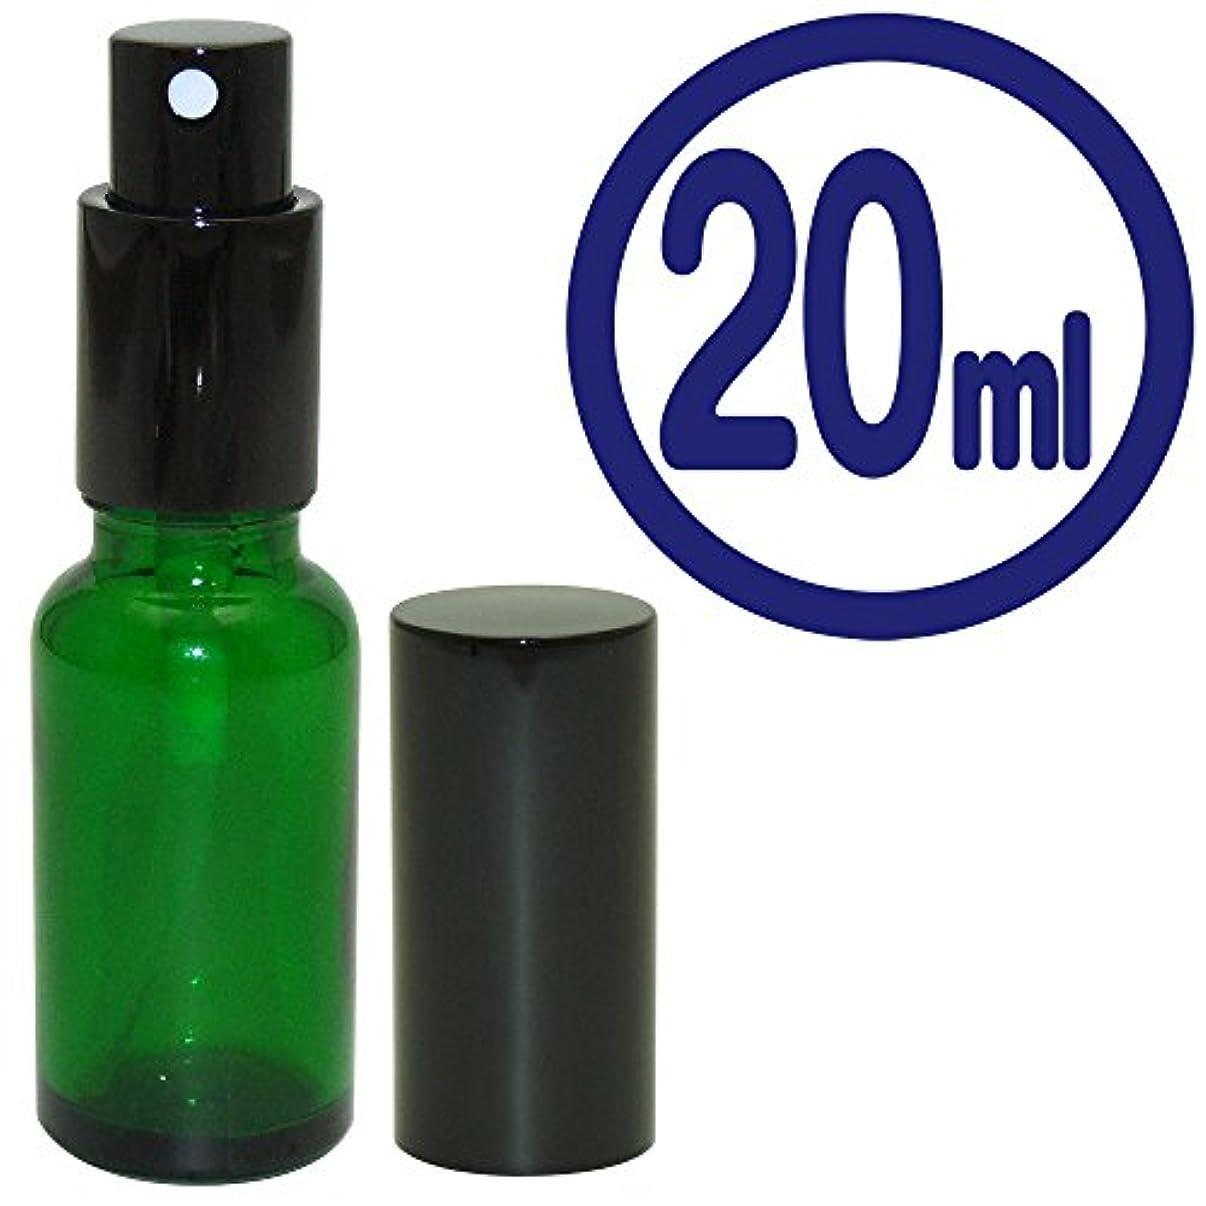 セールスマンフラスコベーカリーガレージ?ゼロ 遮光ガラス瓶 スプレータイプ【緑】 20ml/GZSQ18/スプレーボトル/アトマイザー/アロマ保存(緑20ml)